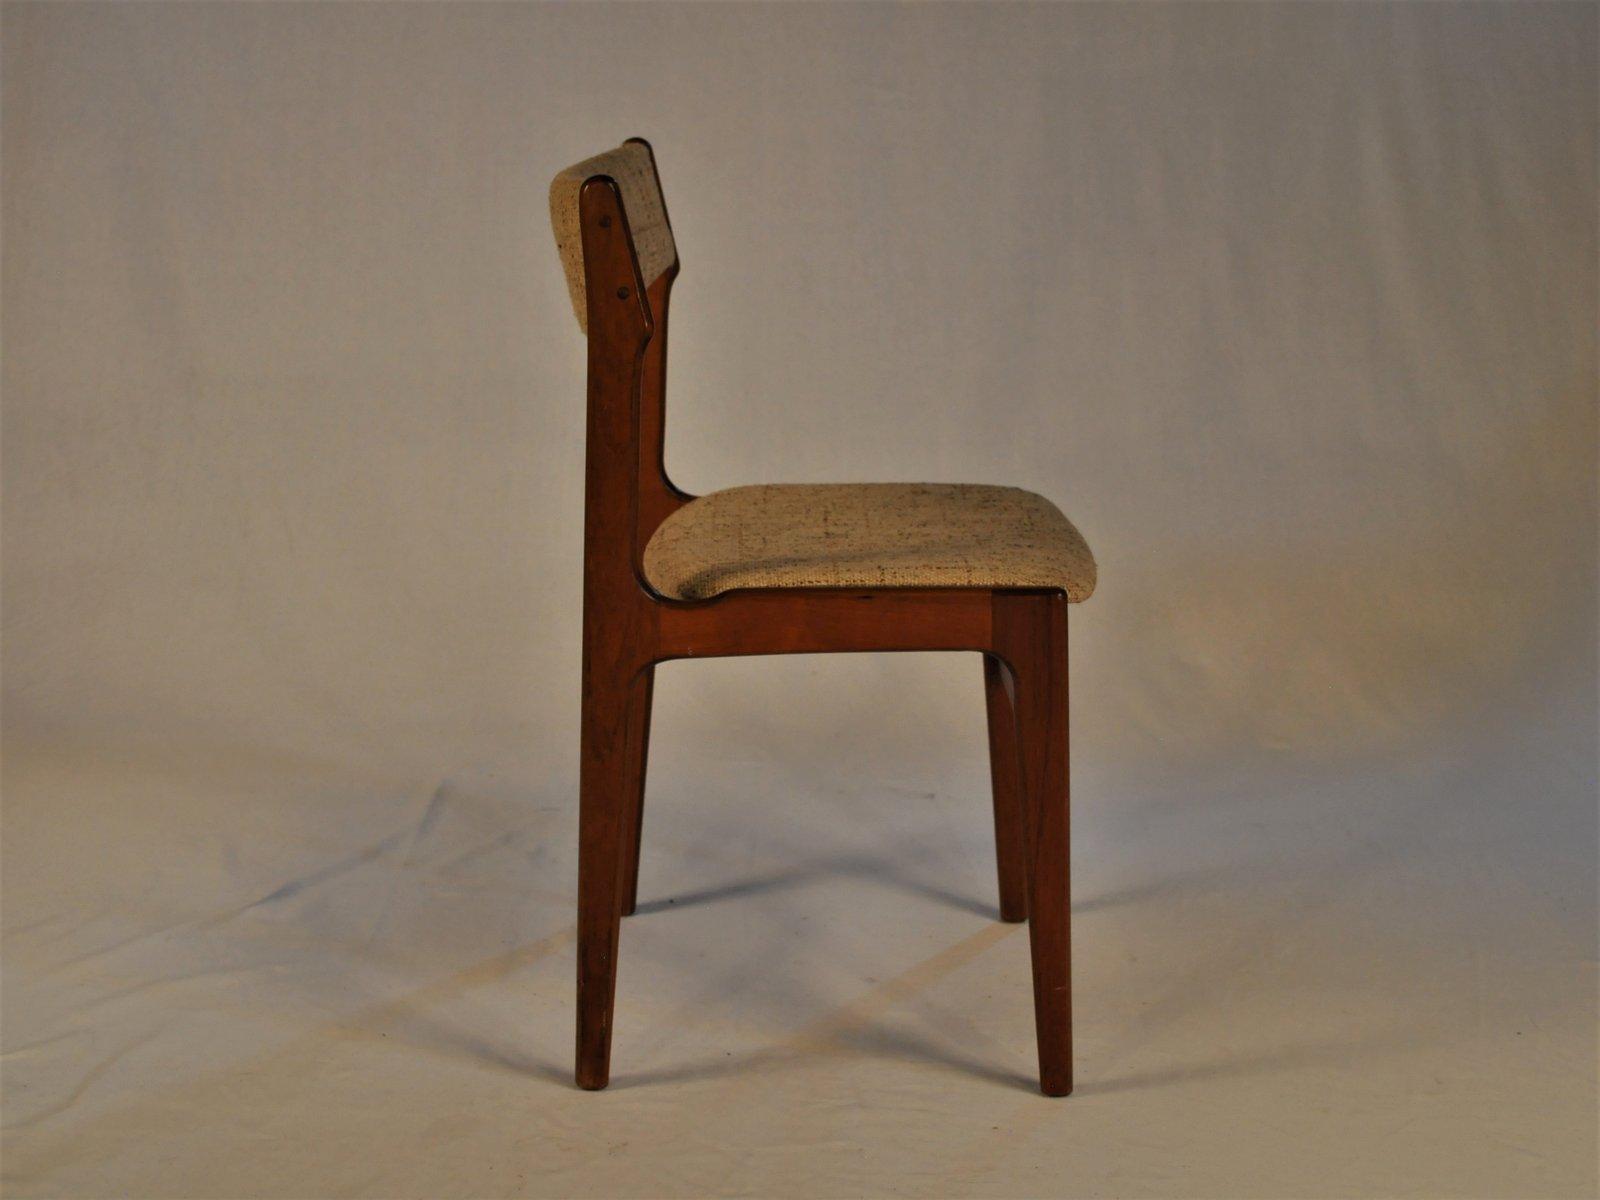 esszimmerst hle aus teak stoff von erik buch 1960er. Black Bedroom Furniture Sets. Home Design Ideas